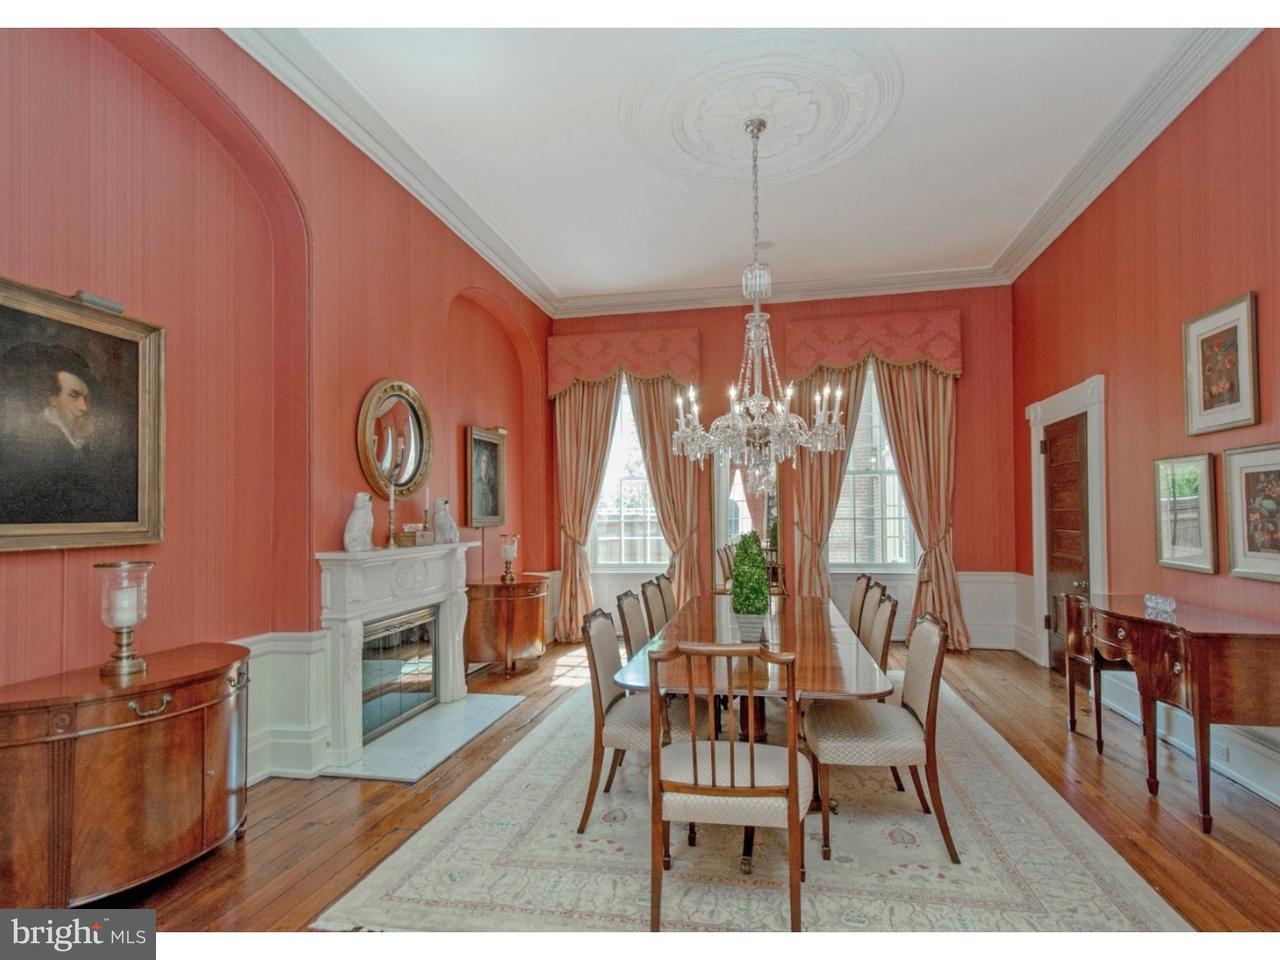 Σπίτι στην πόλη για την Πώληση στο 309 S 3RD Street Philadelphia, Πενσιλβανια 19106 Ηνωμενεσ Πολιτειεσ